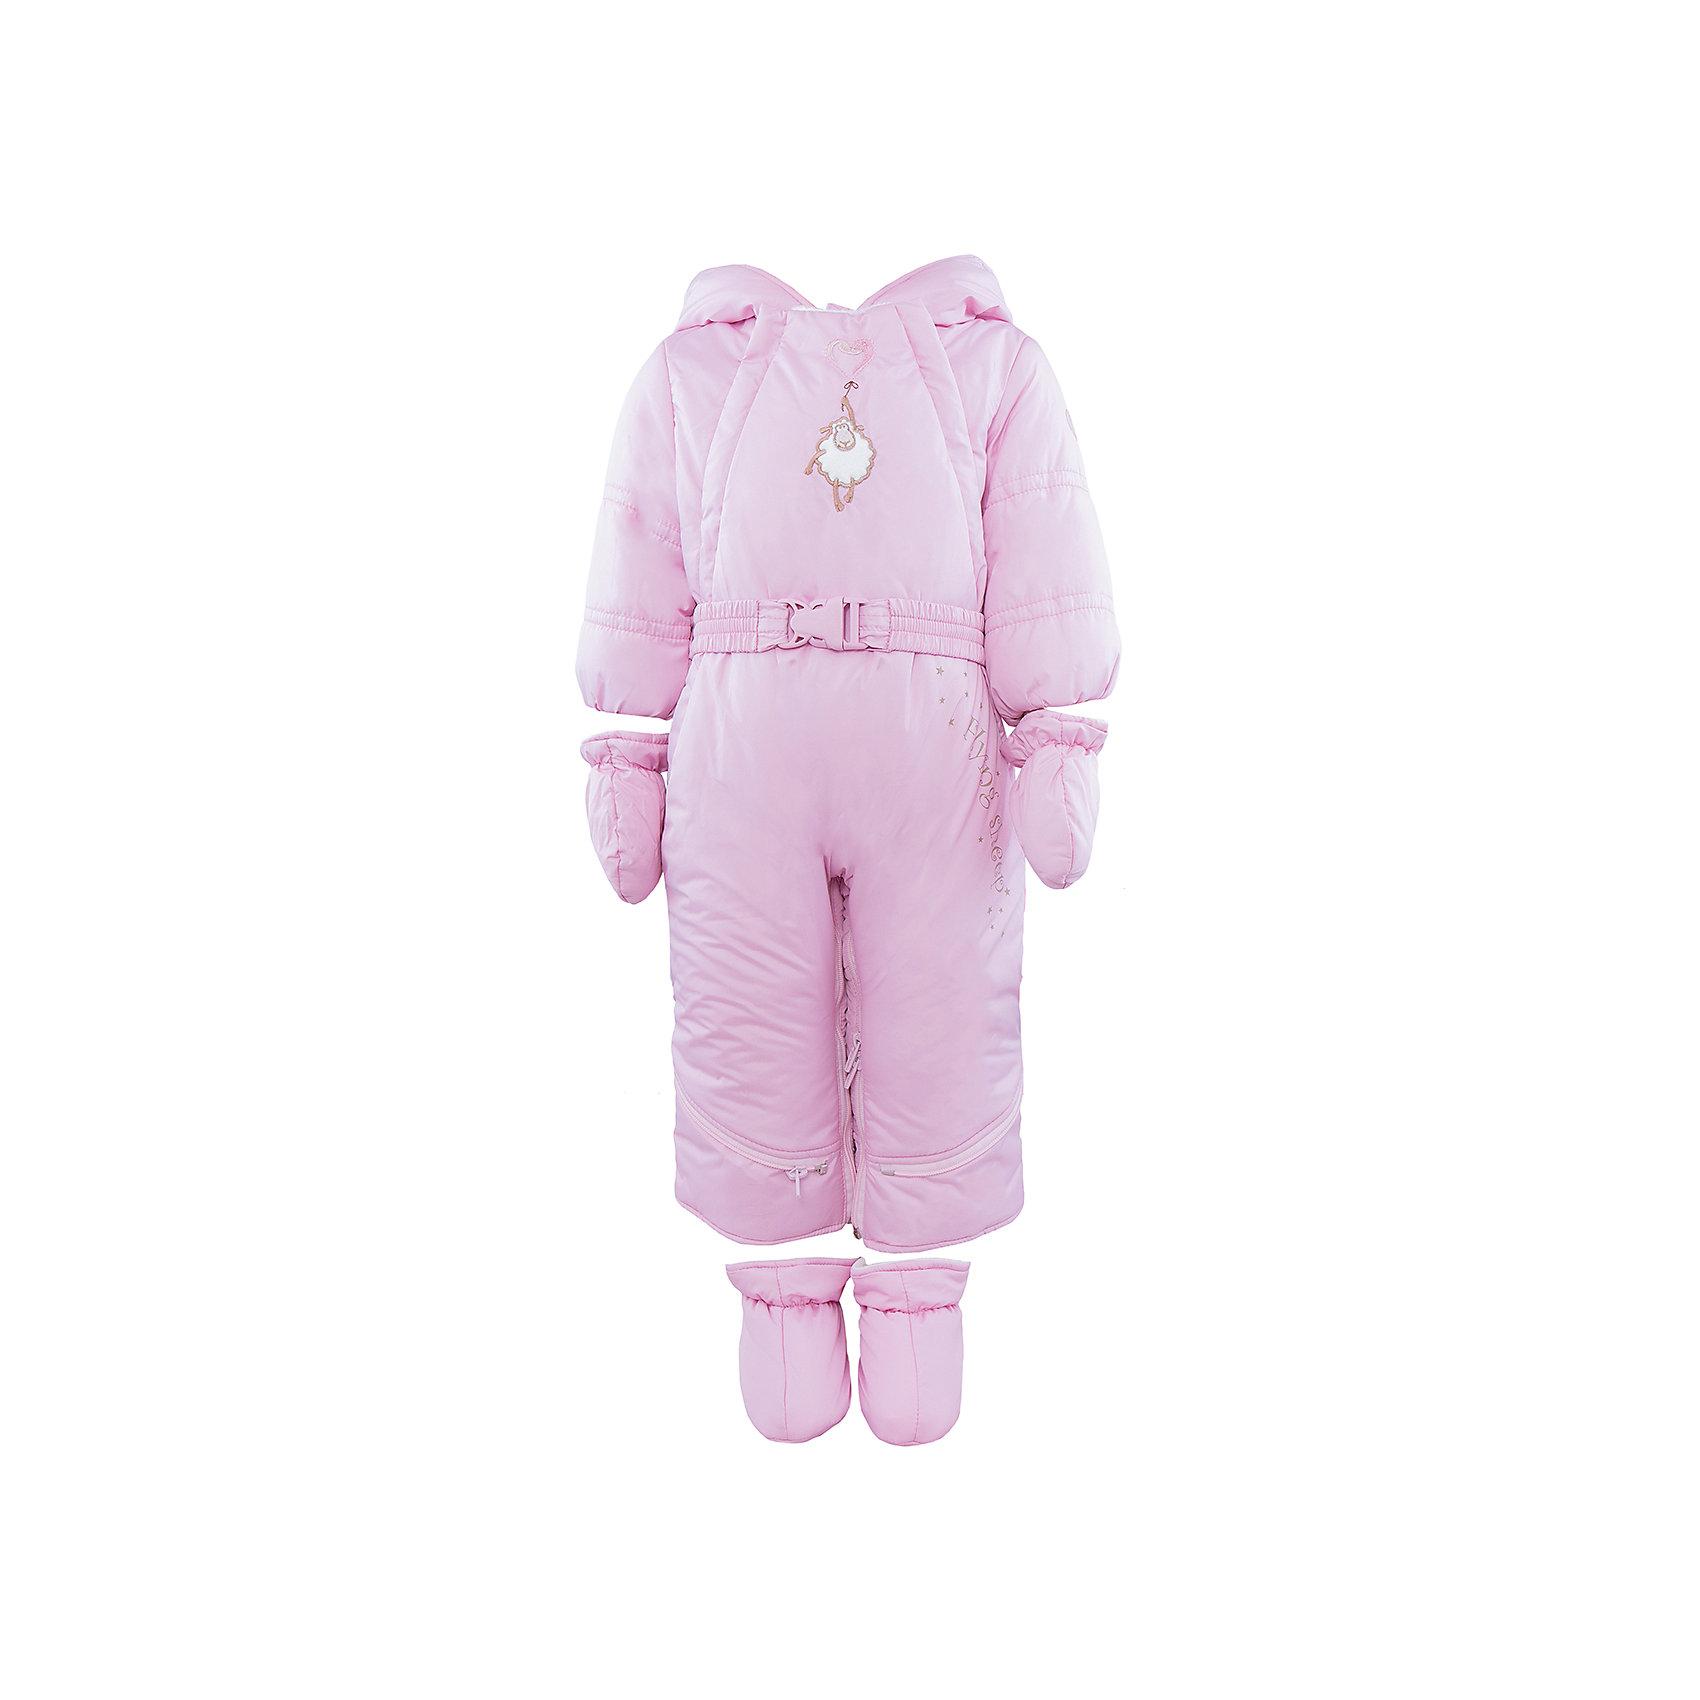 Комбинезон-трансформер для девочки АртельКомбинезон-трансформер для девочки от известного бренда Артель<br>Комбинезон-трансформер - это отличный вариант одежды для прогулок в холодное время года. Он выполняет функцию полноценного костюма с ножками, в котором удобно носить ребенка на руках, или перевозить в автокресле и теплого уютного спального конверта, в котором ребенку комфортно находиться в коляске. Комбинезон трансформируется в конверт с помощью дополнительных молний. Данная модель комплектуется пинетками и варежками. Глубокий капюшон плотно прилегает к лицу, за счет мягкого трикотажного подвяза. По линии талии есть пояс с декоративной пряжкой, на груди - вышивка в виде барашка.<br>Состав:<br>Верх:Dewspo FD<br>Подкладка: интерлок<br>Утеплитель: термофайбер 200г<br><br>Ширина мм: 356<br>Глубина мм: 10<br>Высота мм: 245<br>Вес г: 519<br>Цвет: розовый<br>Возраст от месяцев: 2<br>Возраст до месяцев: 5<br>Пол: Женский<br>Возраст: Детский<br>Размер: 62,74,68<br>SKU: 4963435